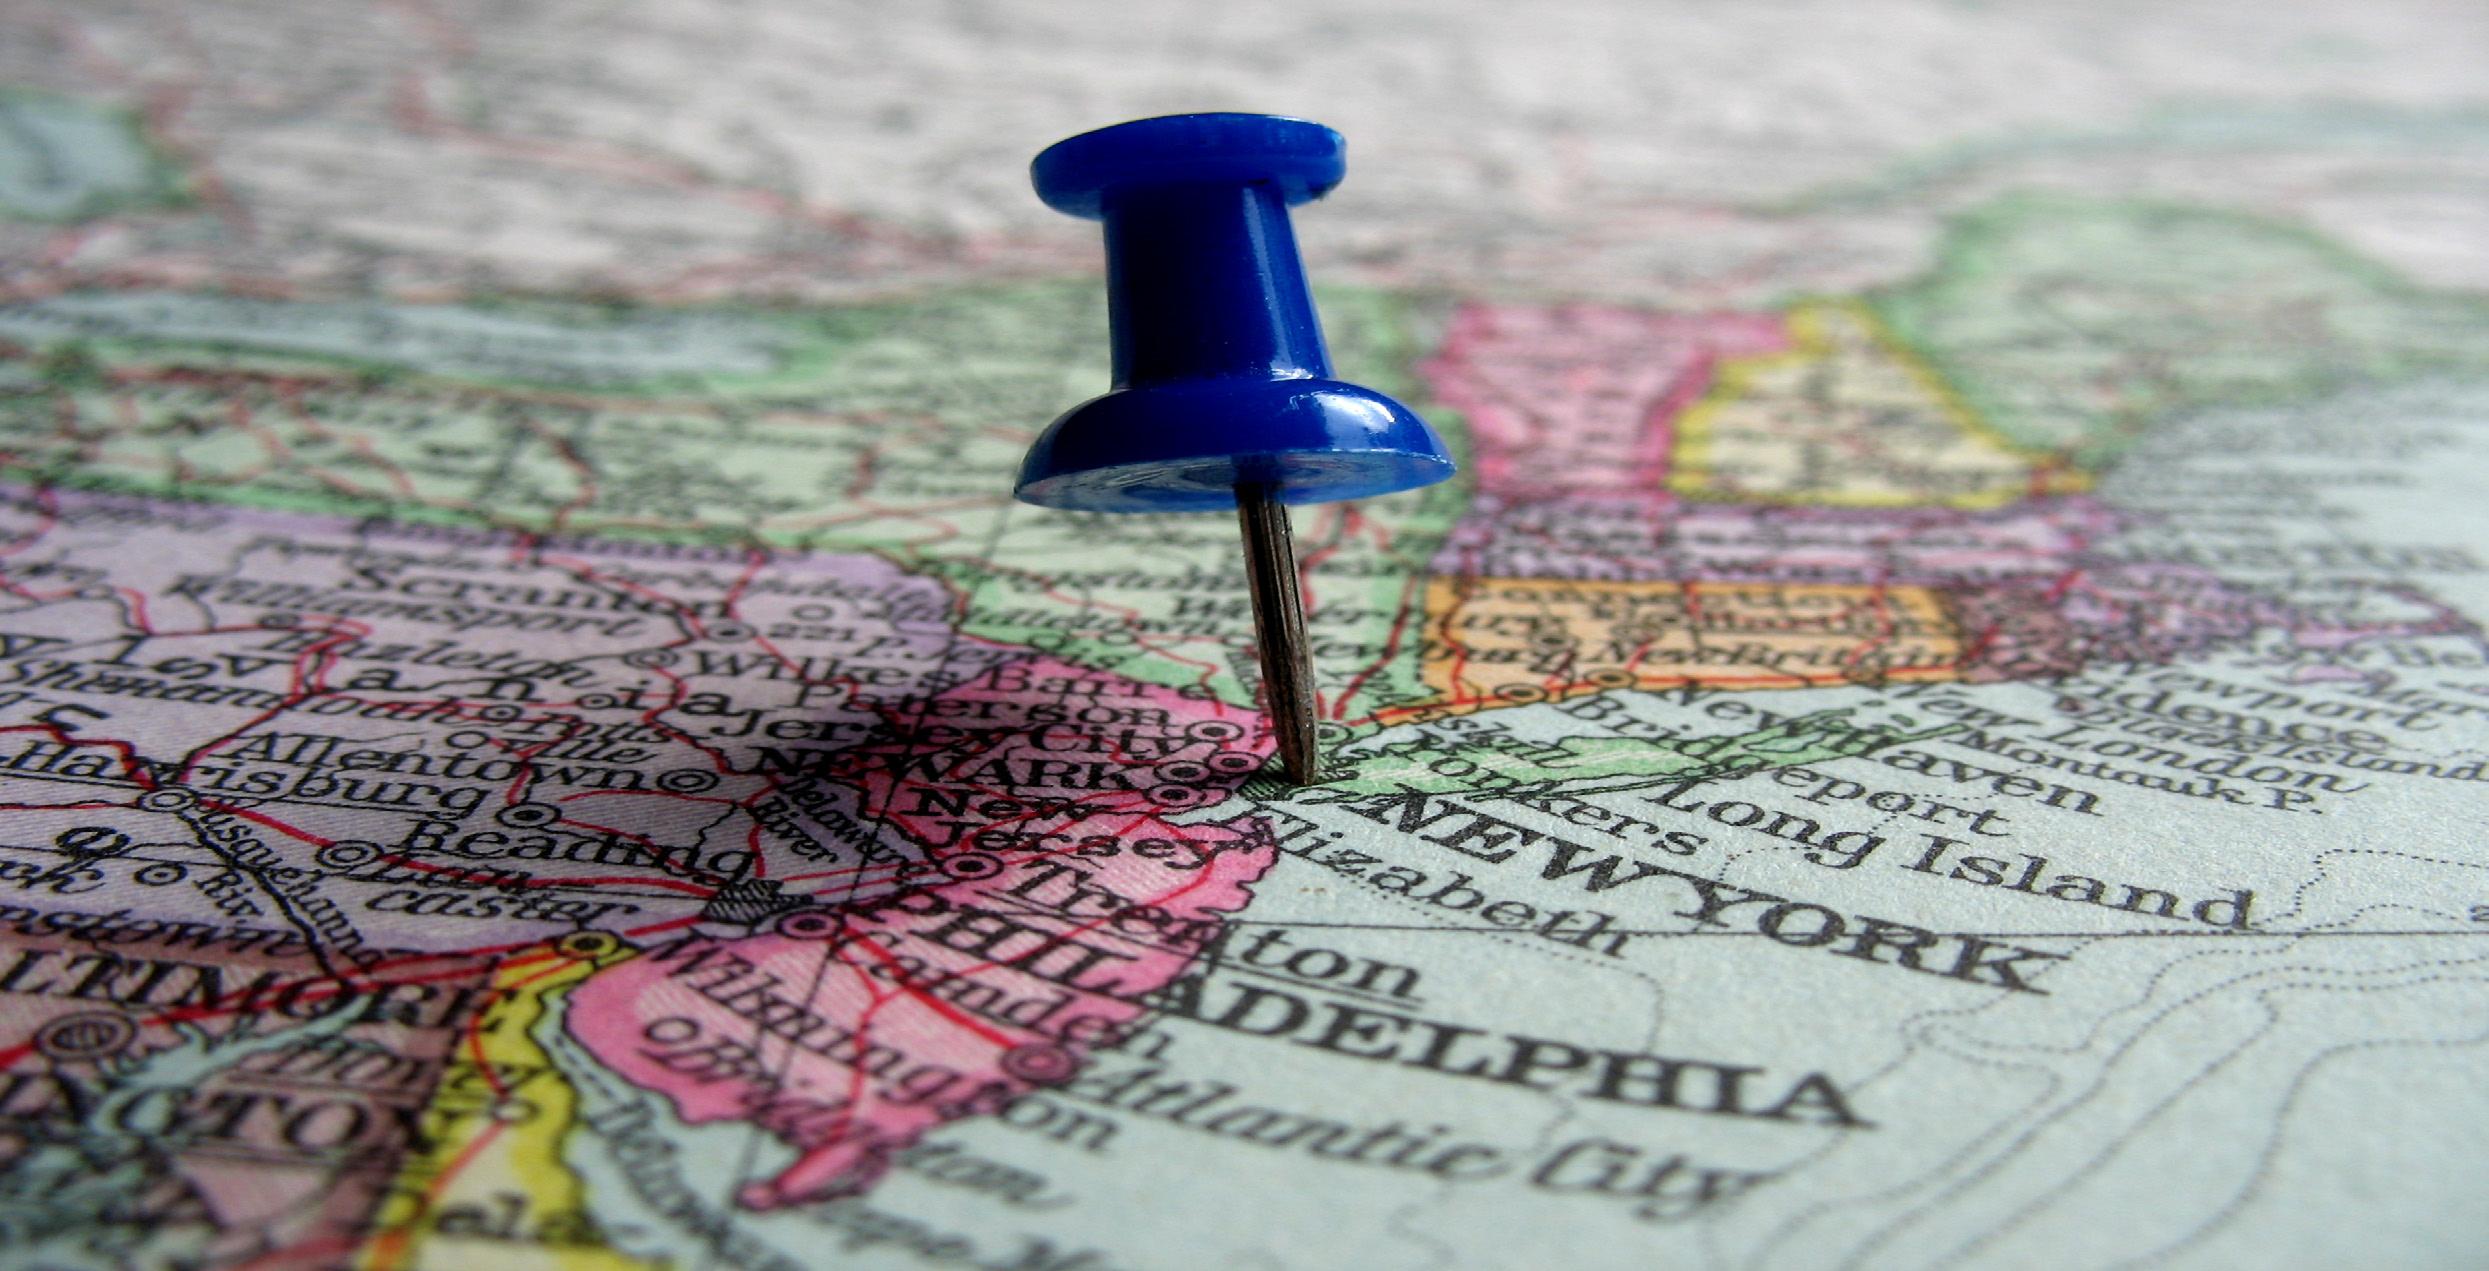 Cómo negociar y desarrollar mi negocio internacionalmente con éxito